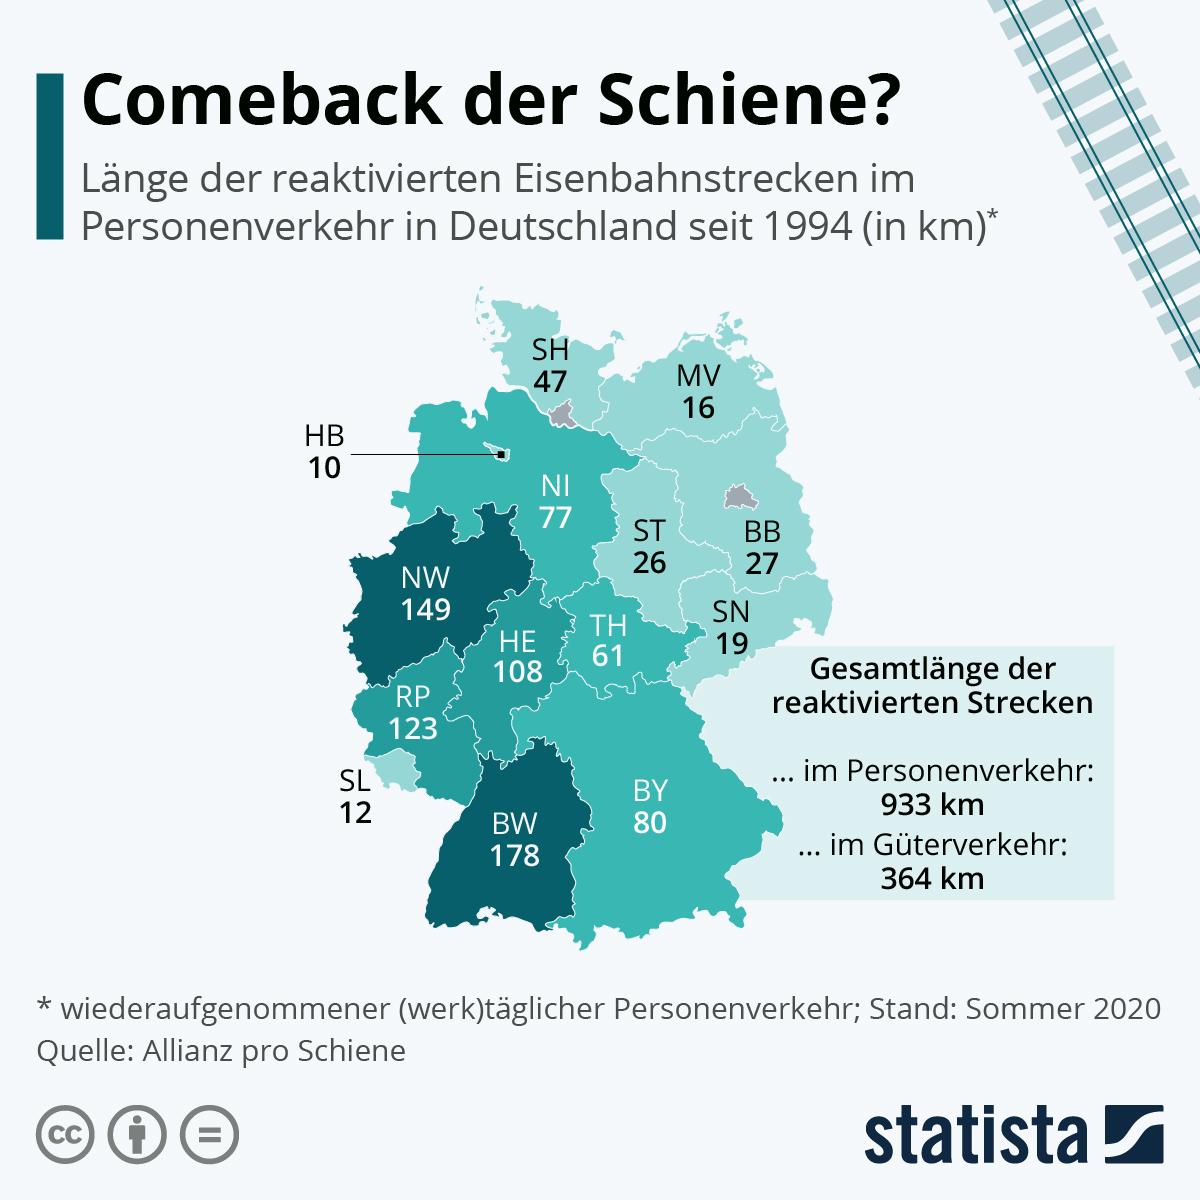 Comeback der Schiene? | Statista